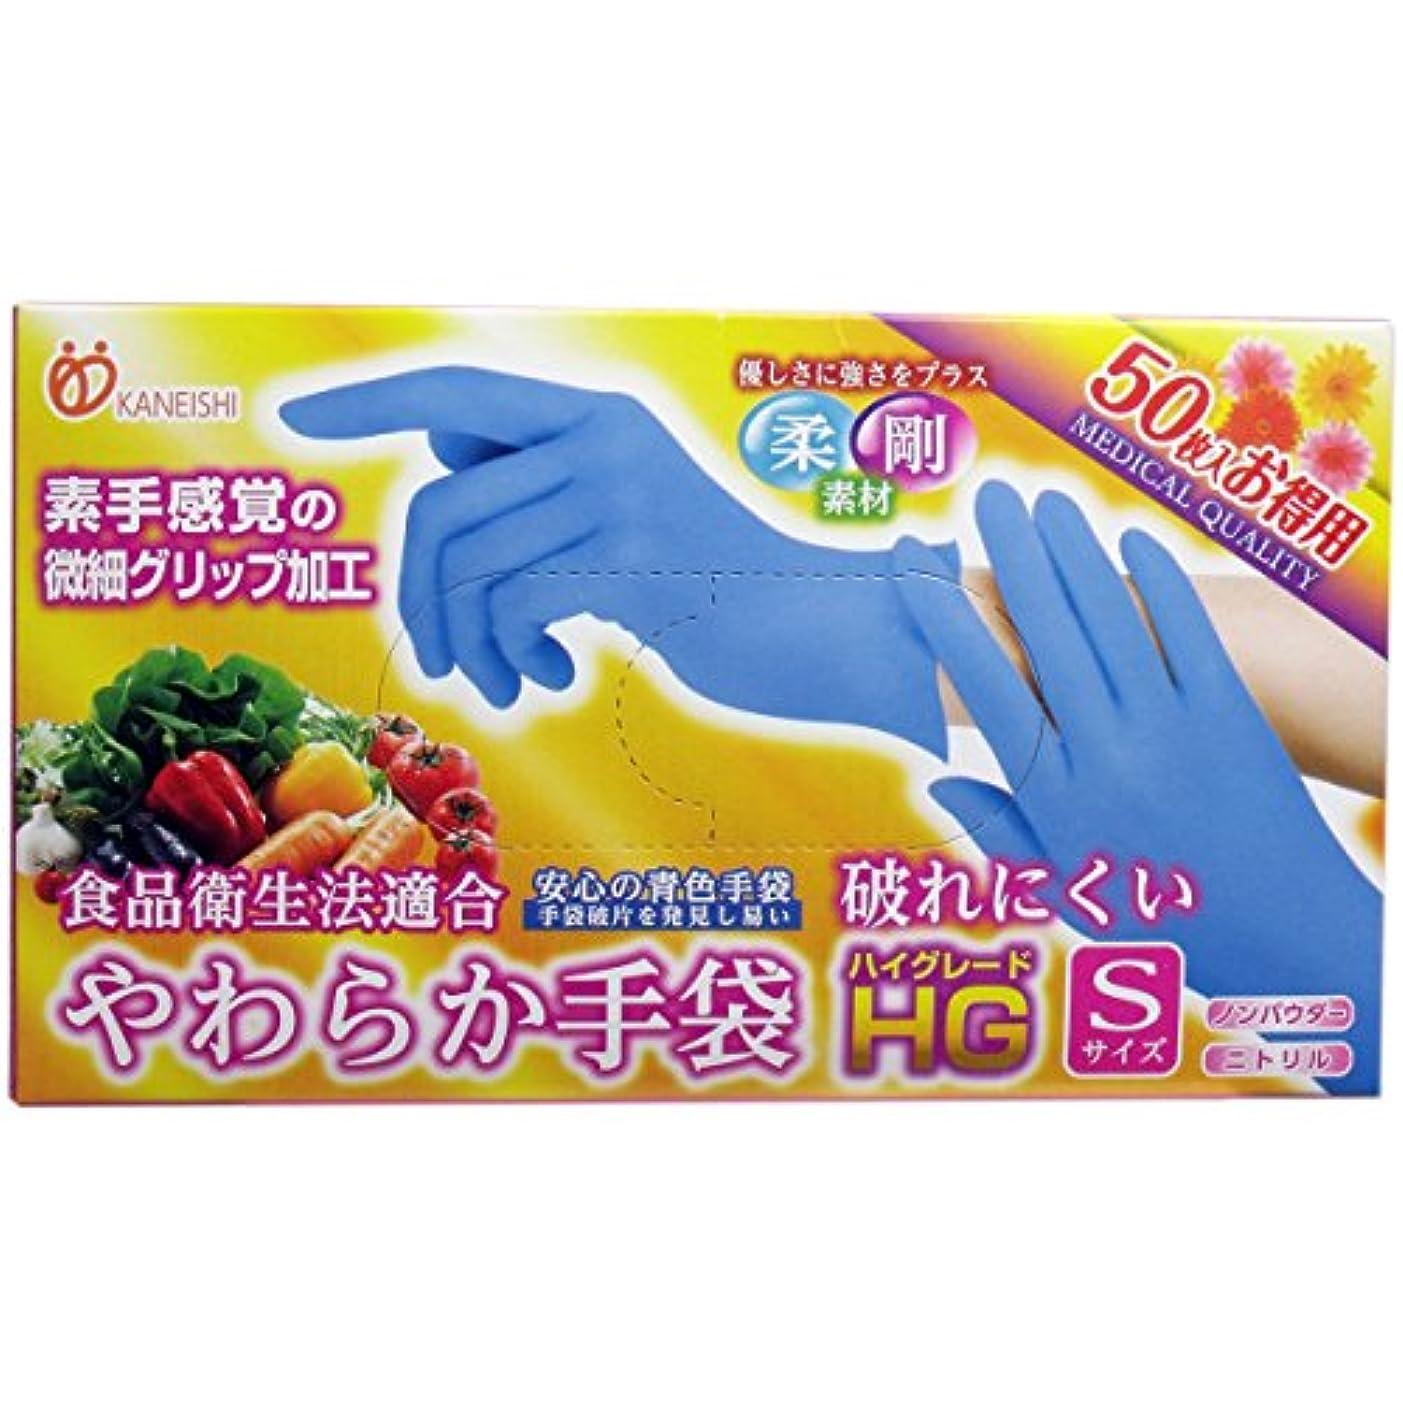 明示的に火薬不毛の使い捨て手袋【カネイシ やわらか手袋HG二トリル手袋 粉無スーパーブルー】500枚(50枚入X10箱) 3サイズ選択可 (Sサイズ)